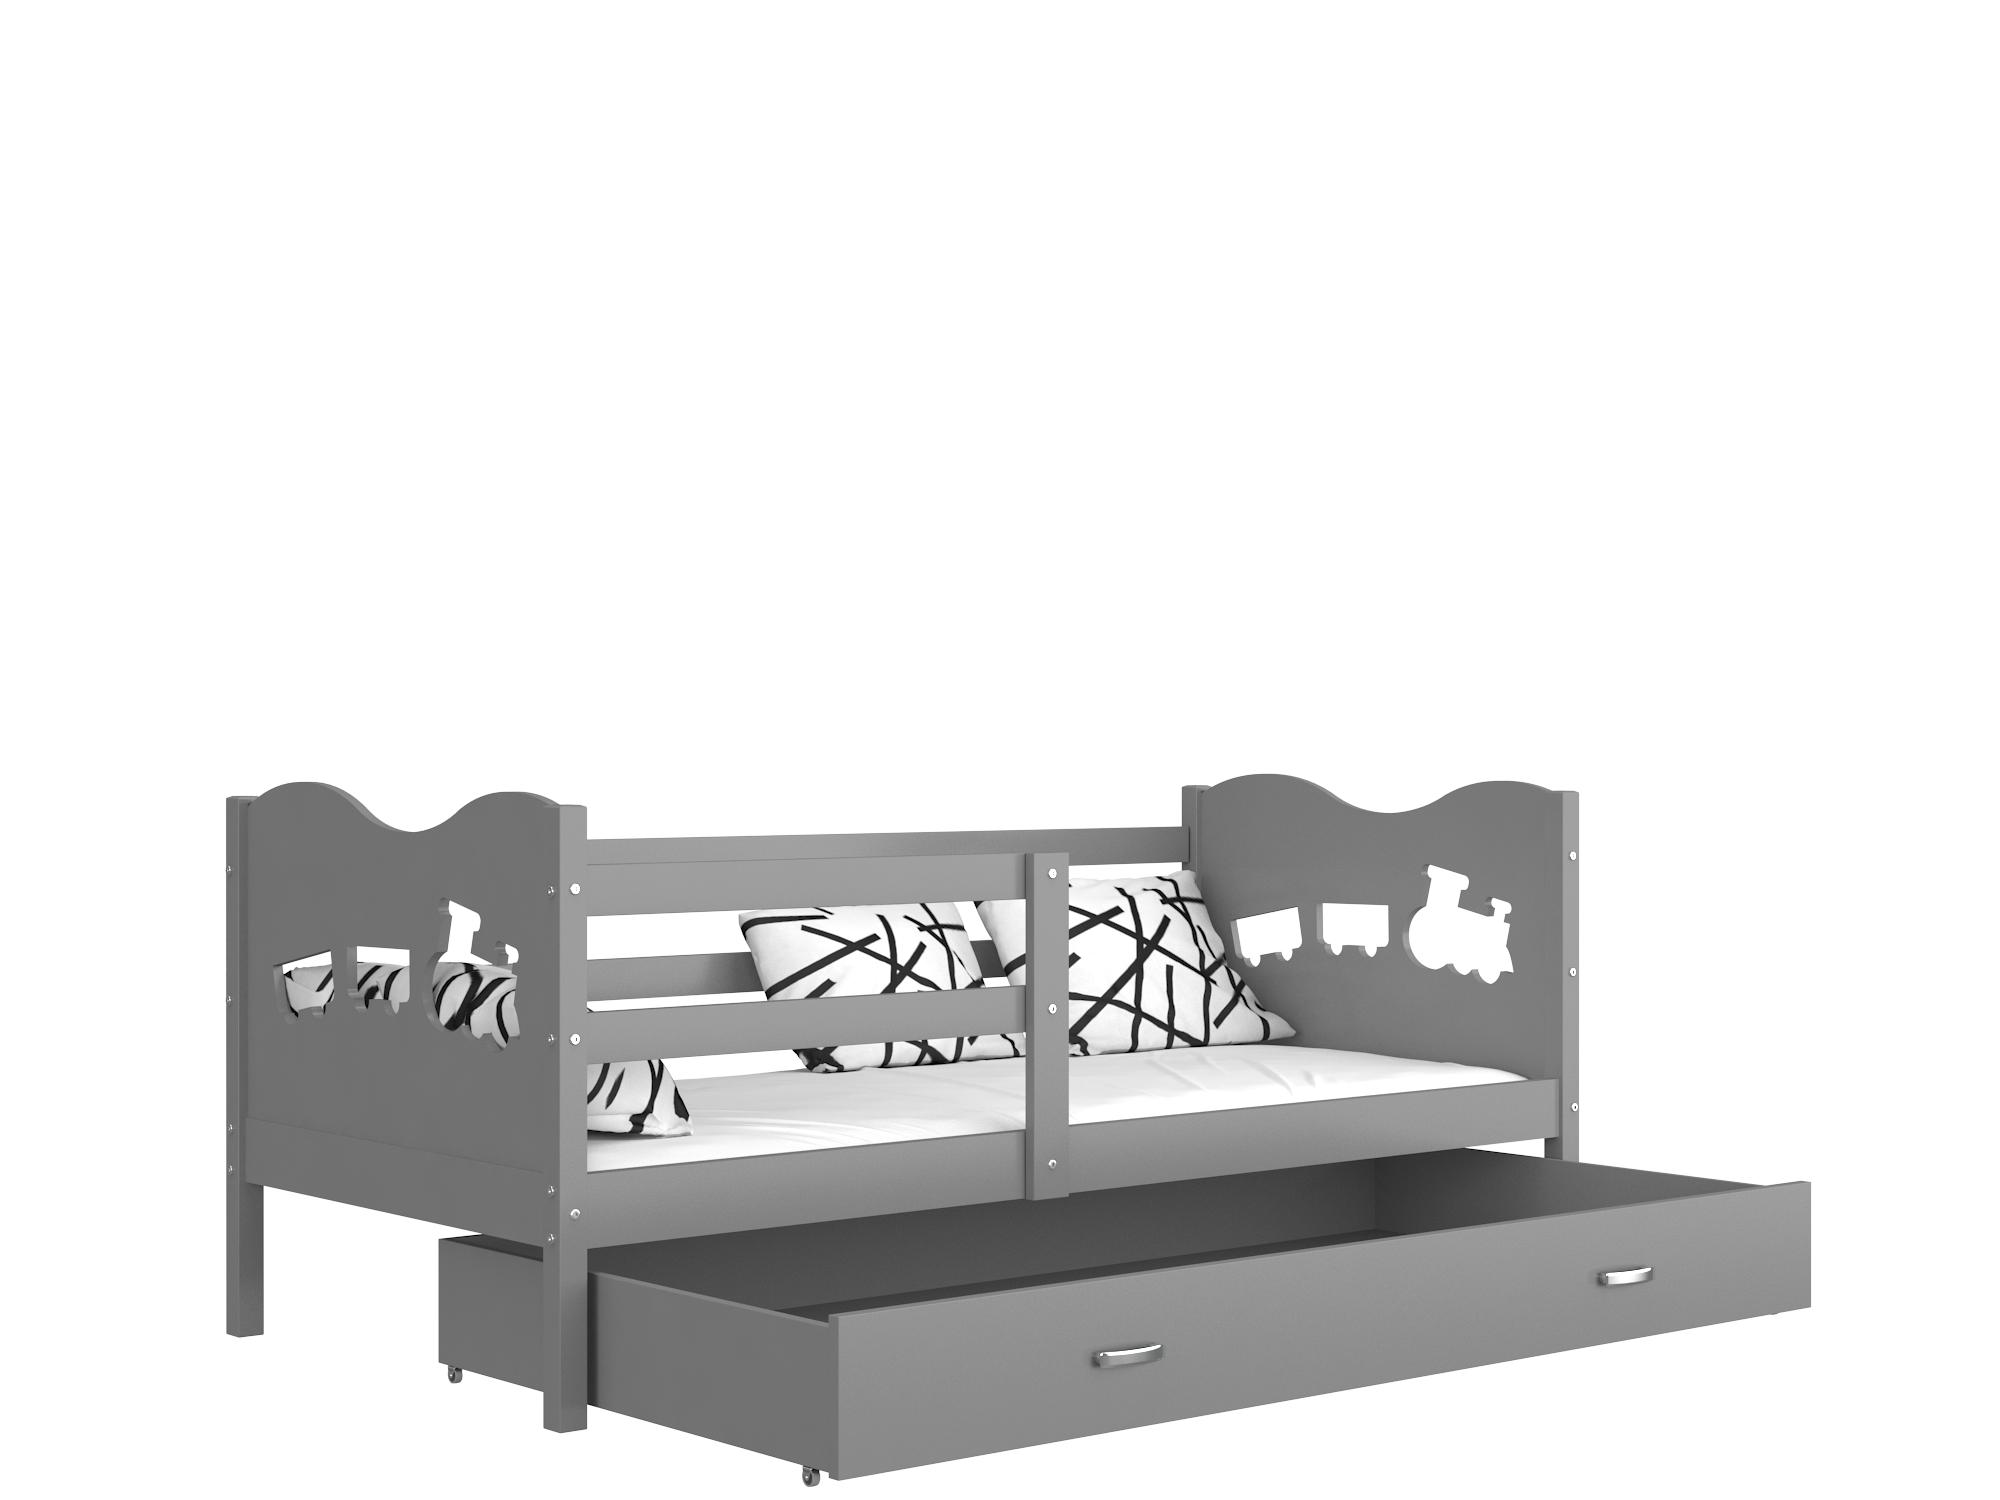 ArtAJ Detská posteľ Max P / MDF 190 x 80 cm Farba: Sivá/sivá 190 x 80 cm, Prevedenie: s matracom